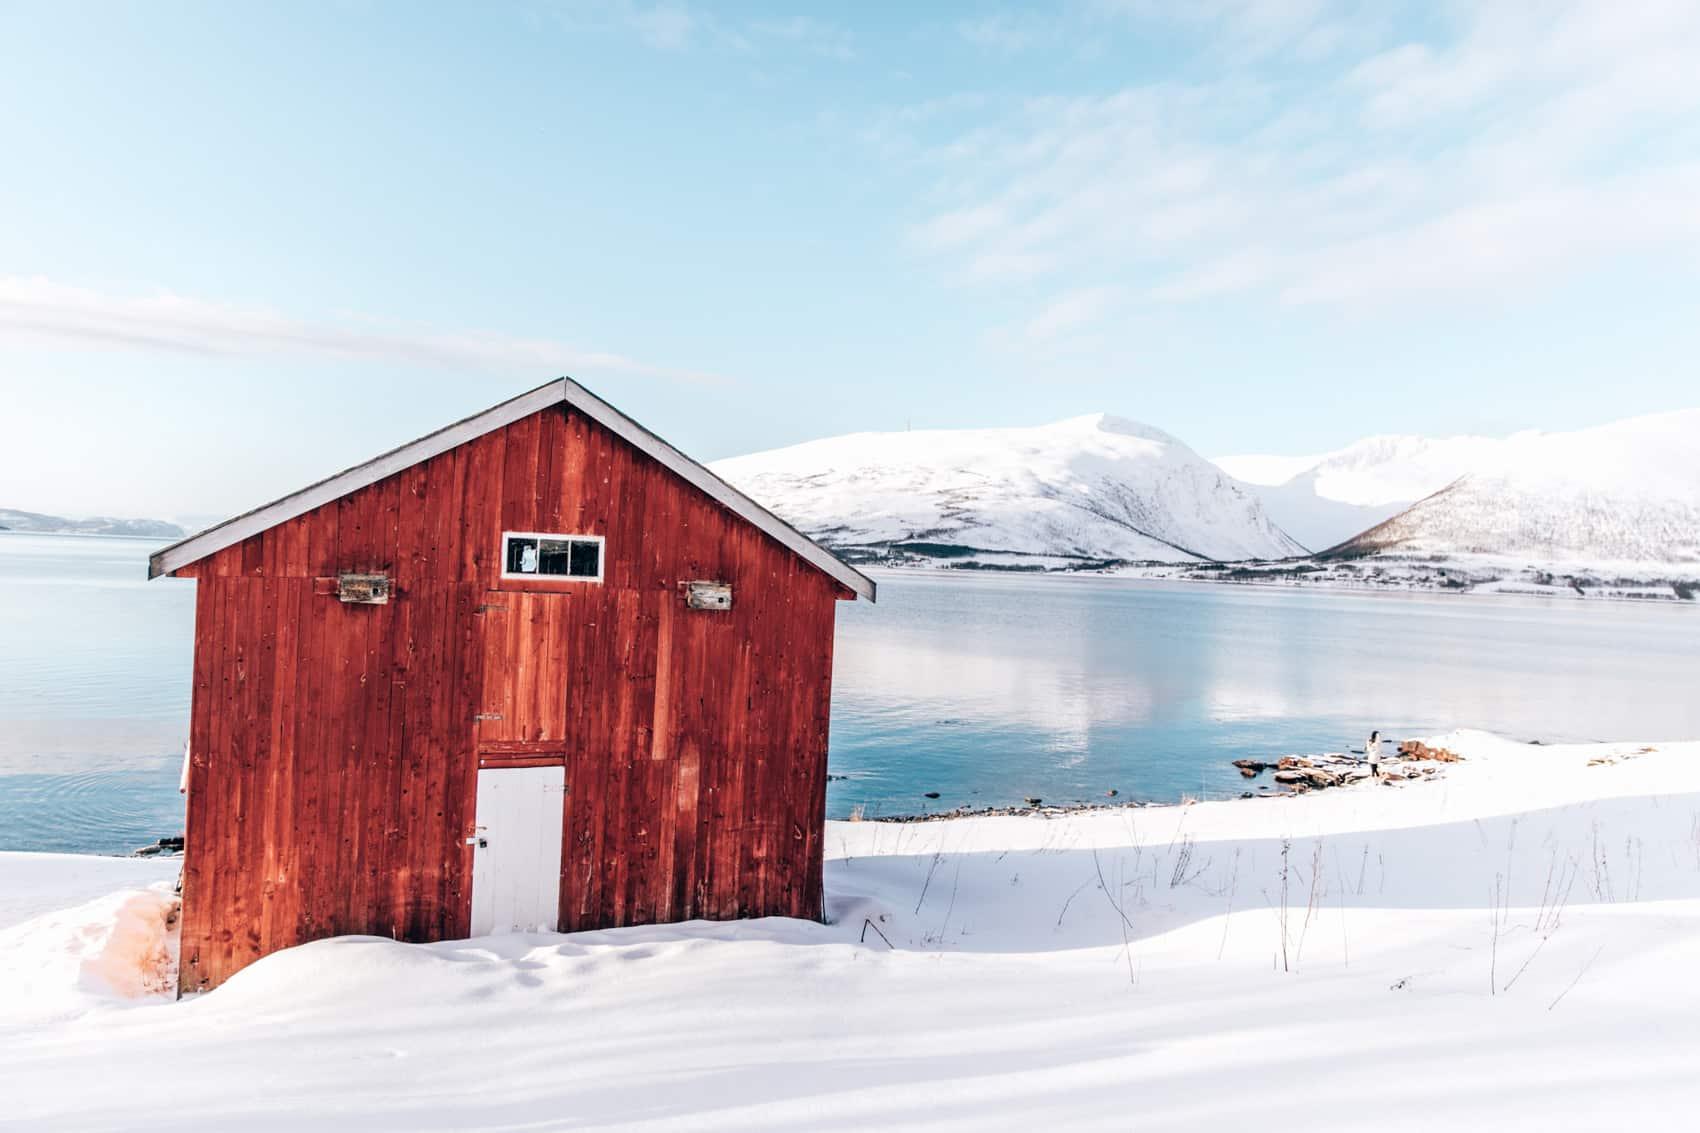 ID5A7615 - Bilan de nos 4 jours en Norvège